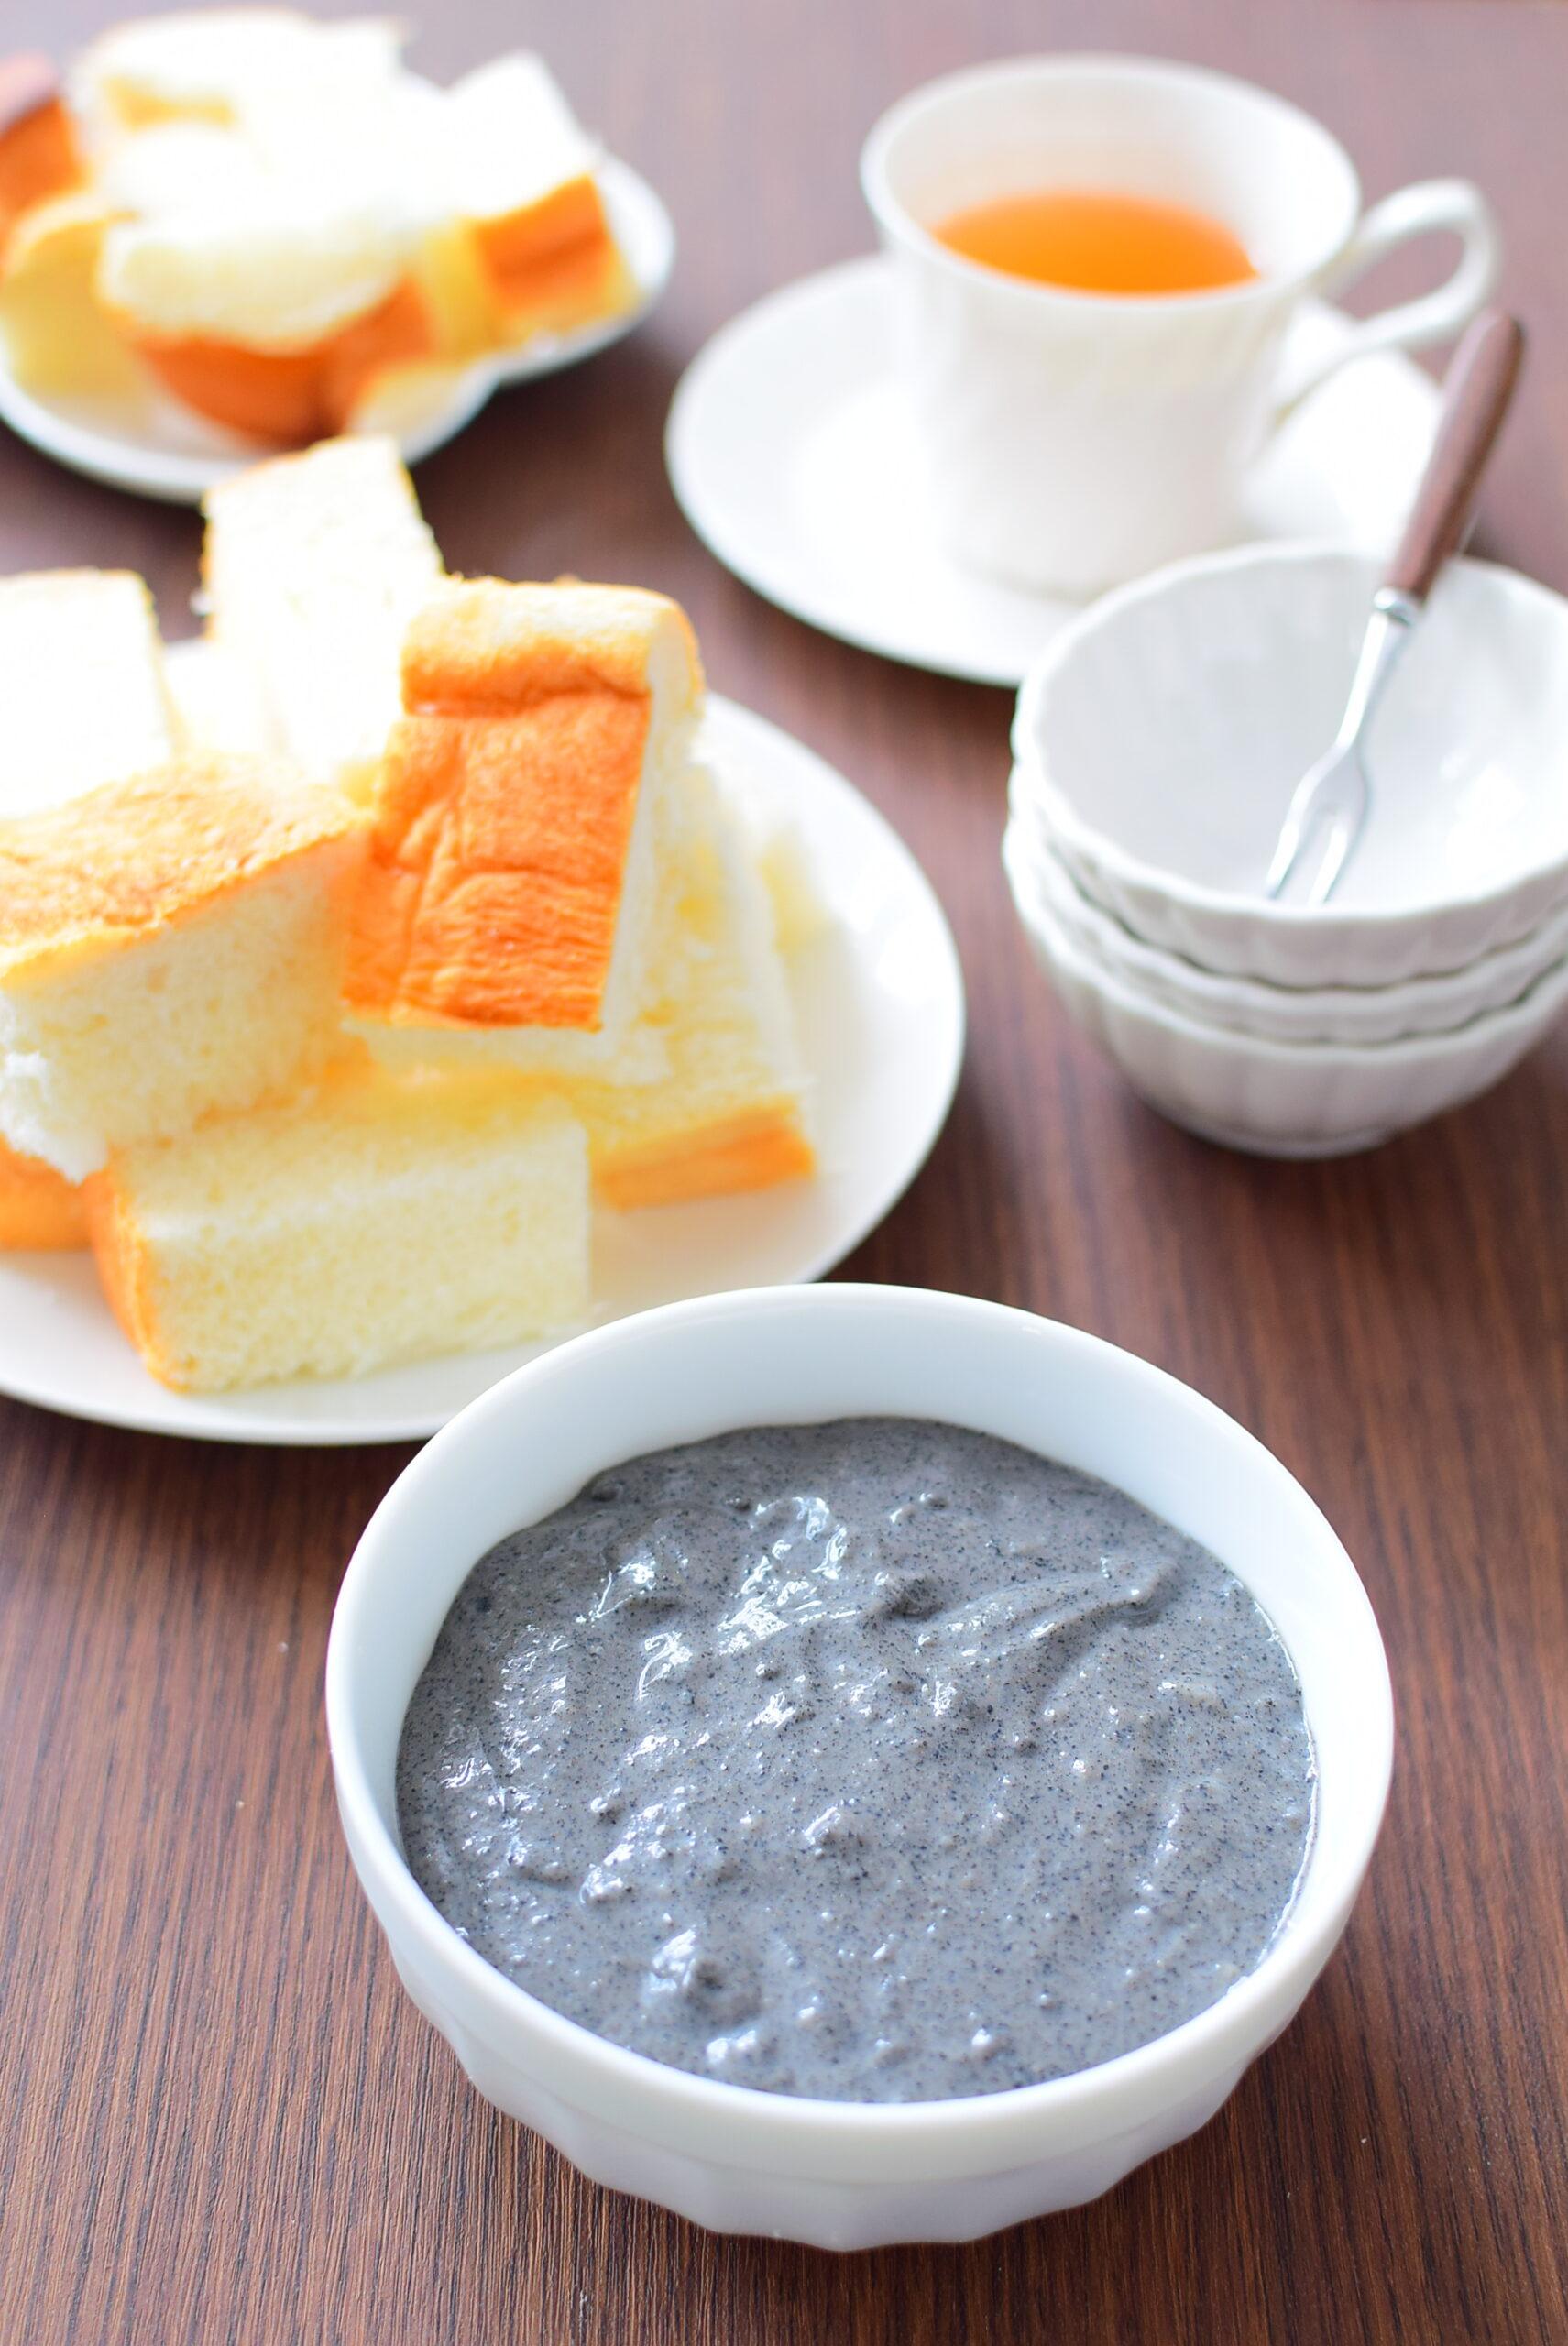 食パンアイスなどに合う。豆乳入り黒ごまクリームのレシピの写真